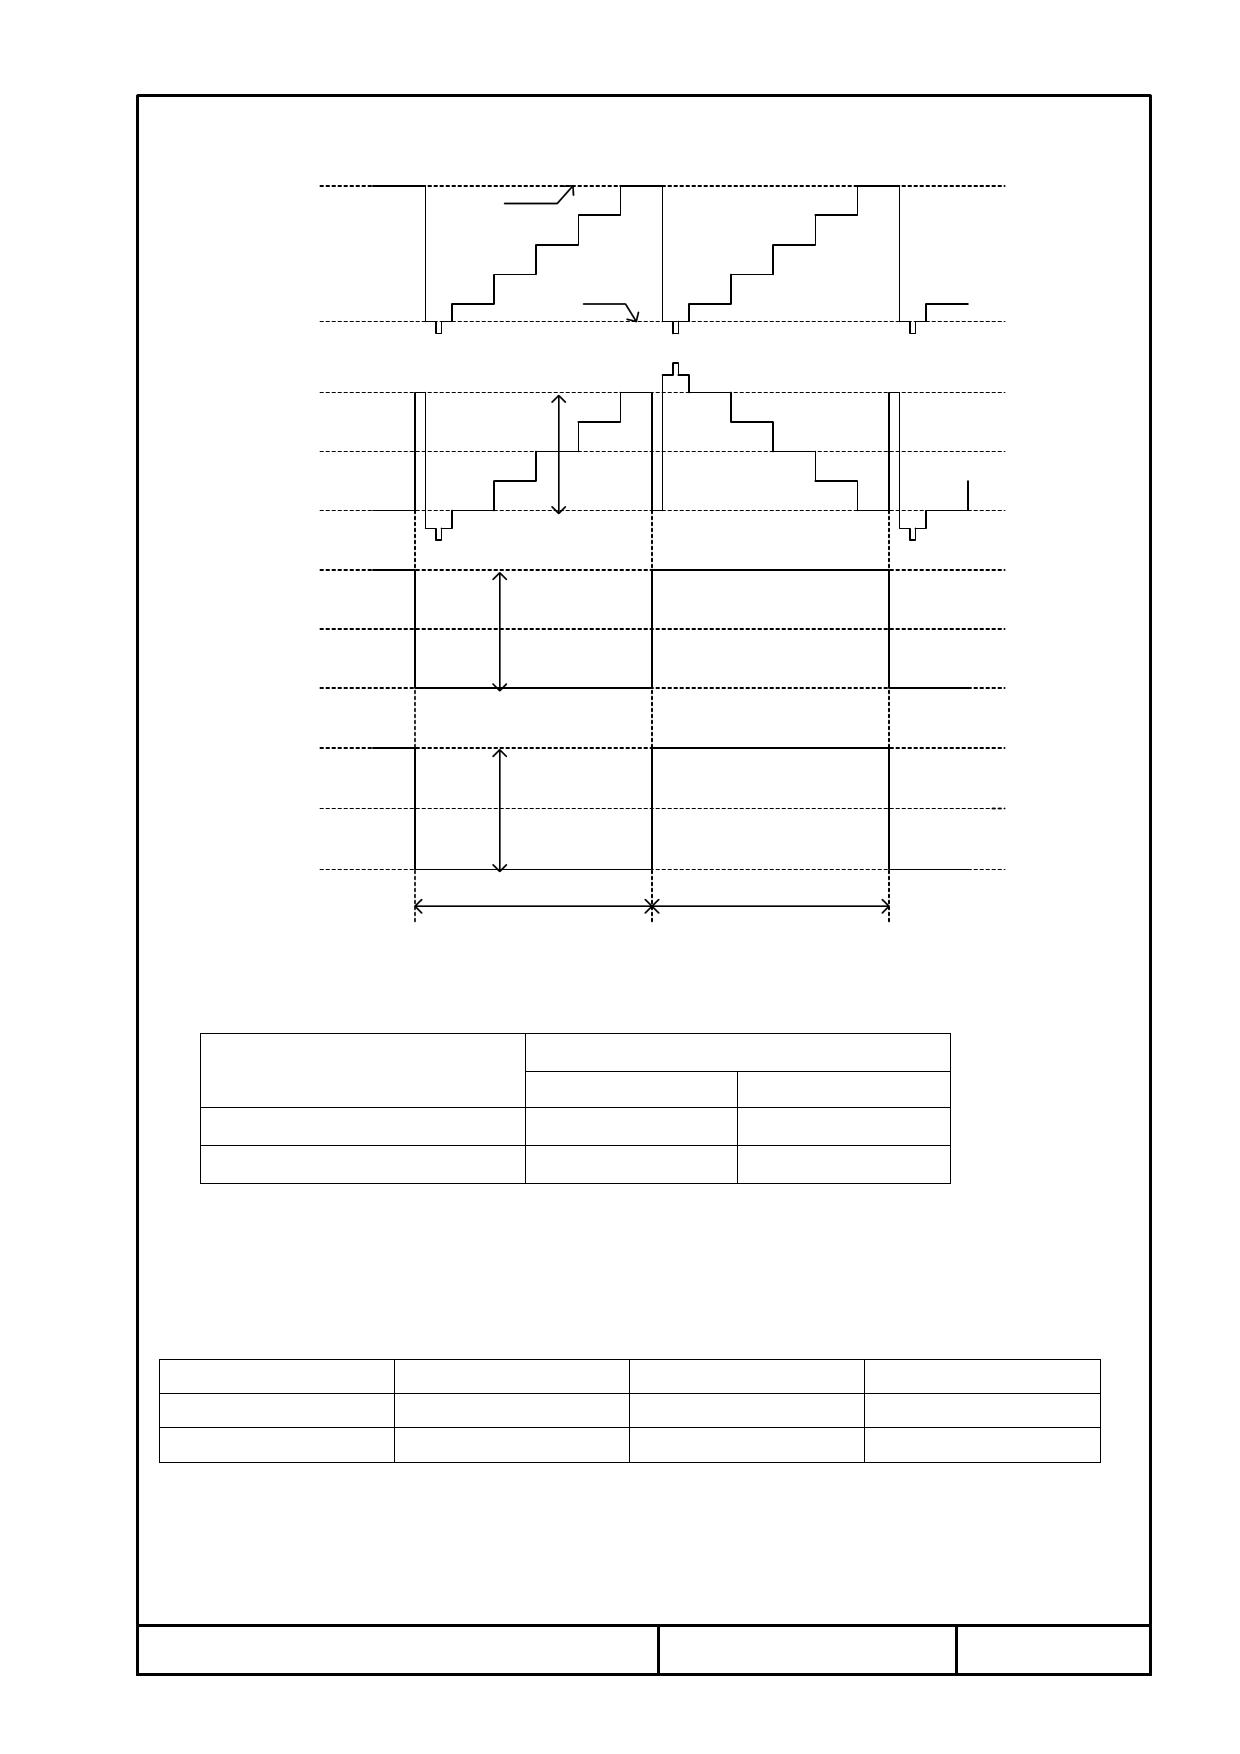 T-51378L025J_FW_P_AB pdf